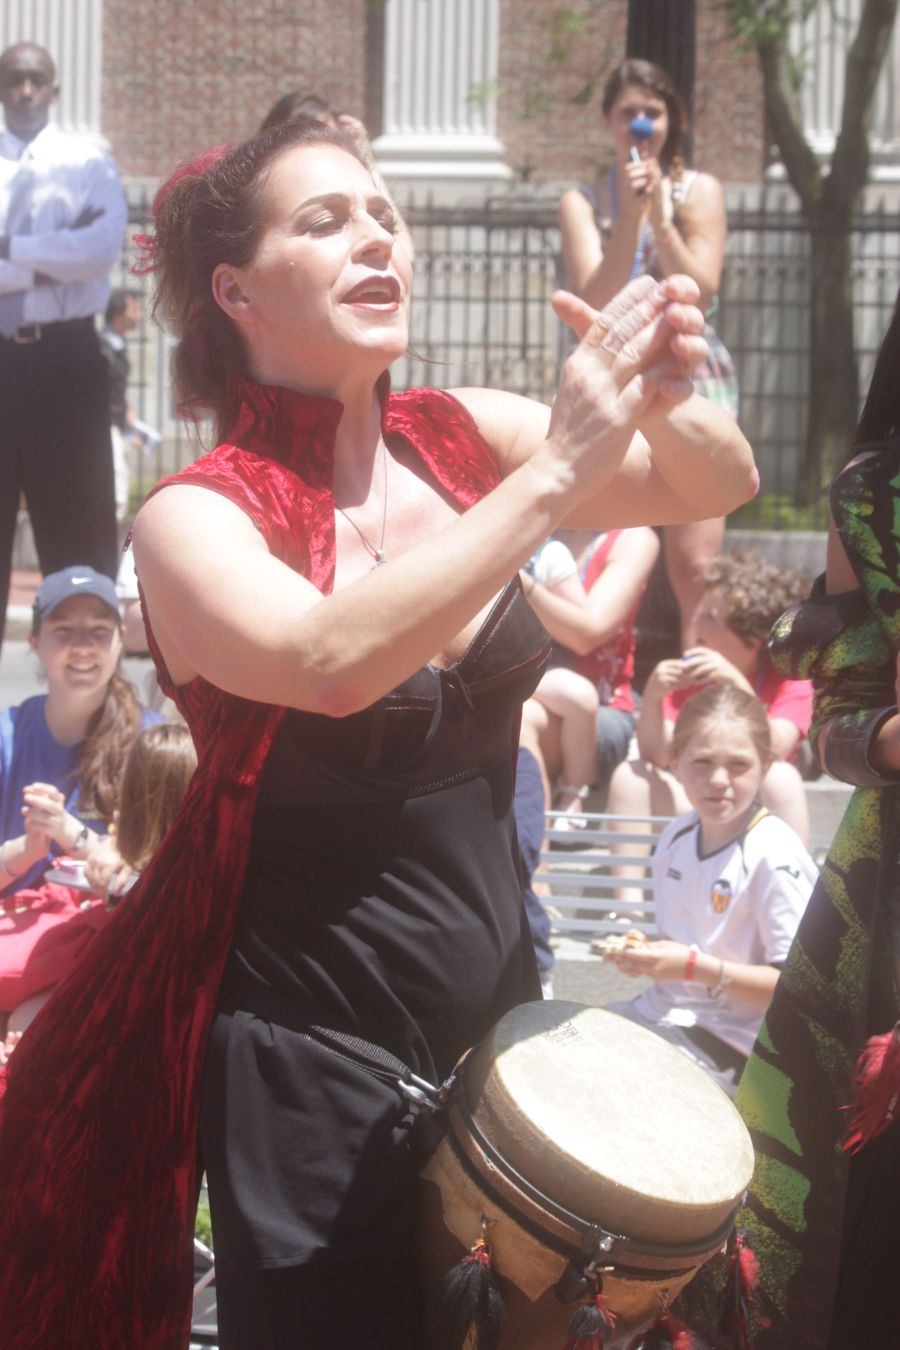 boston harvard square cirque du soleil performers 2